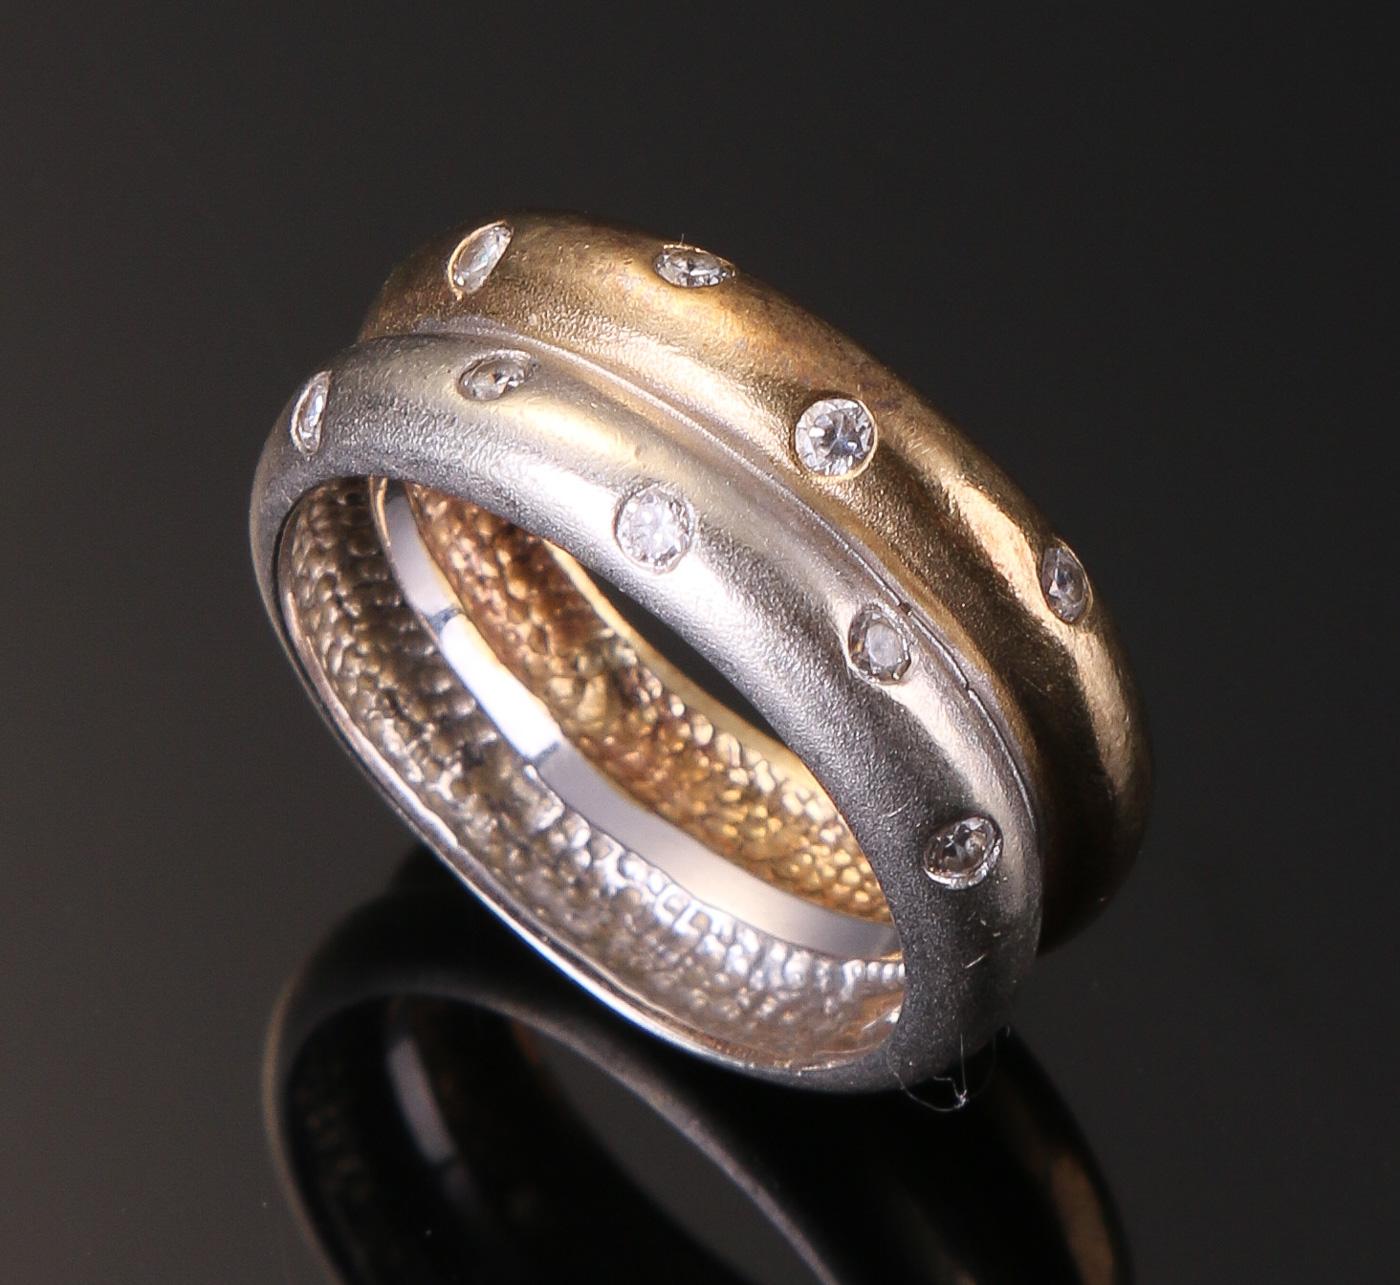 Ring af 8 kt. guld/hvidguld med cubic zirkoner - Ring af 8 kt. guld/hvidguld, prydet med ni cubiz zirkoner. Vægt ca. 5,7 gr. Ringstr. 54 ø 17 mm